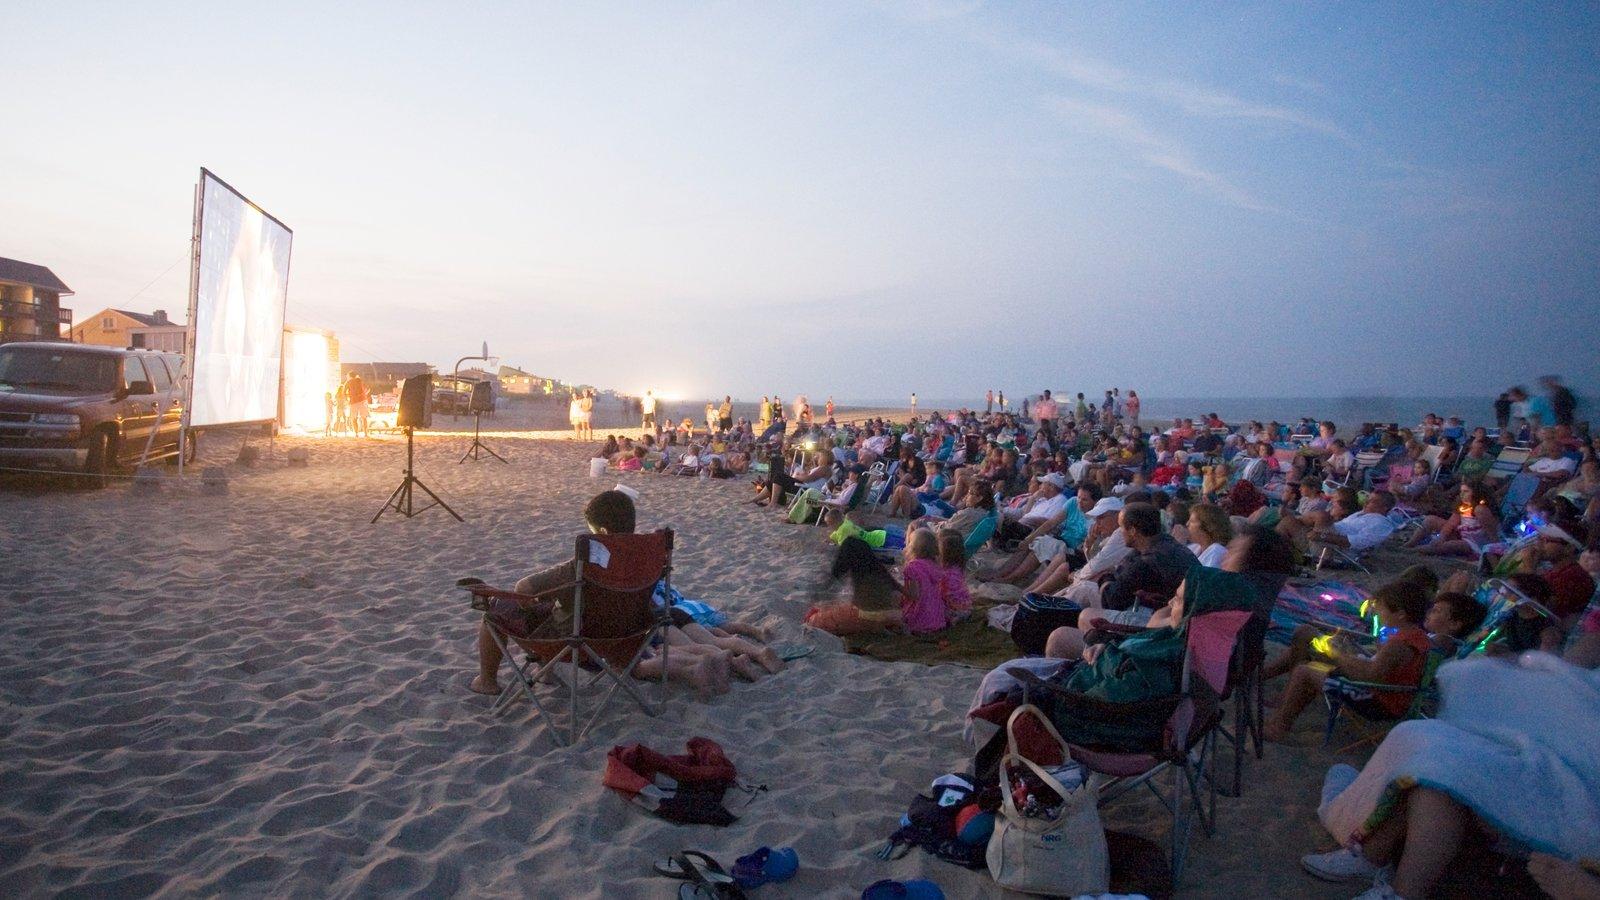 Dewey Beach mostrando una playa de arena y también un gran grupo de personas